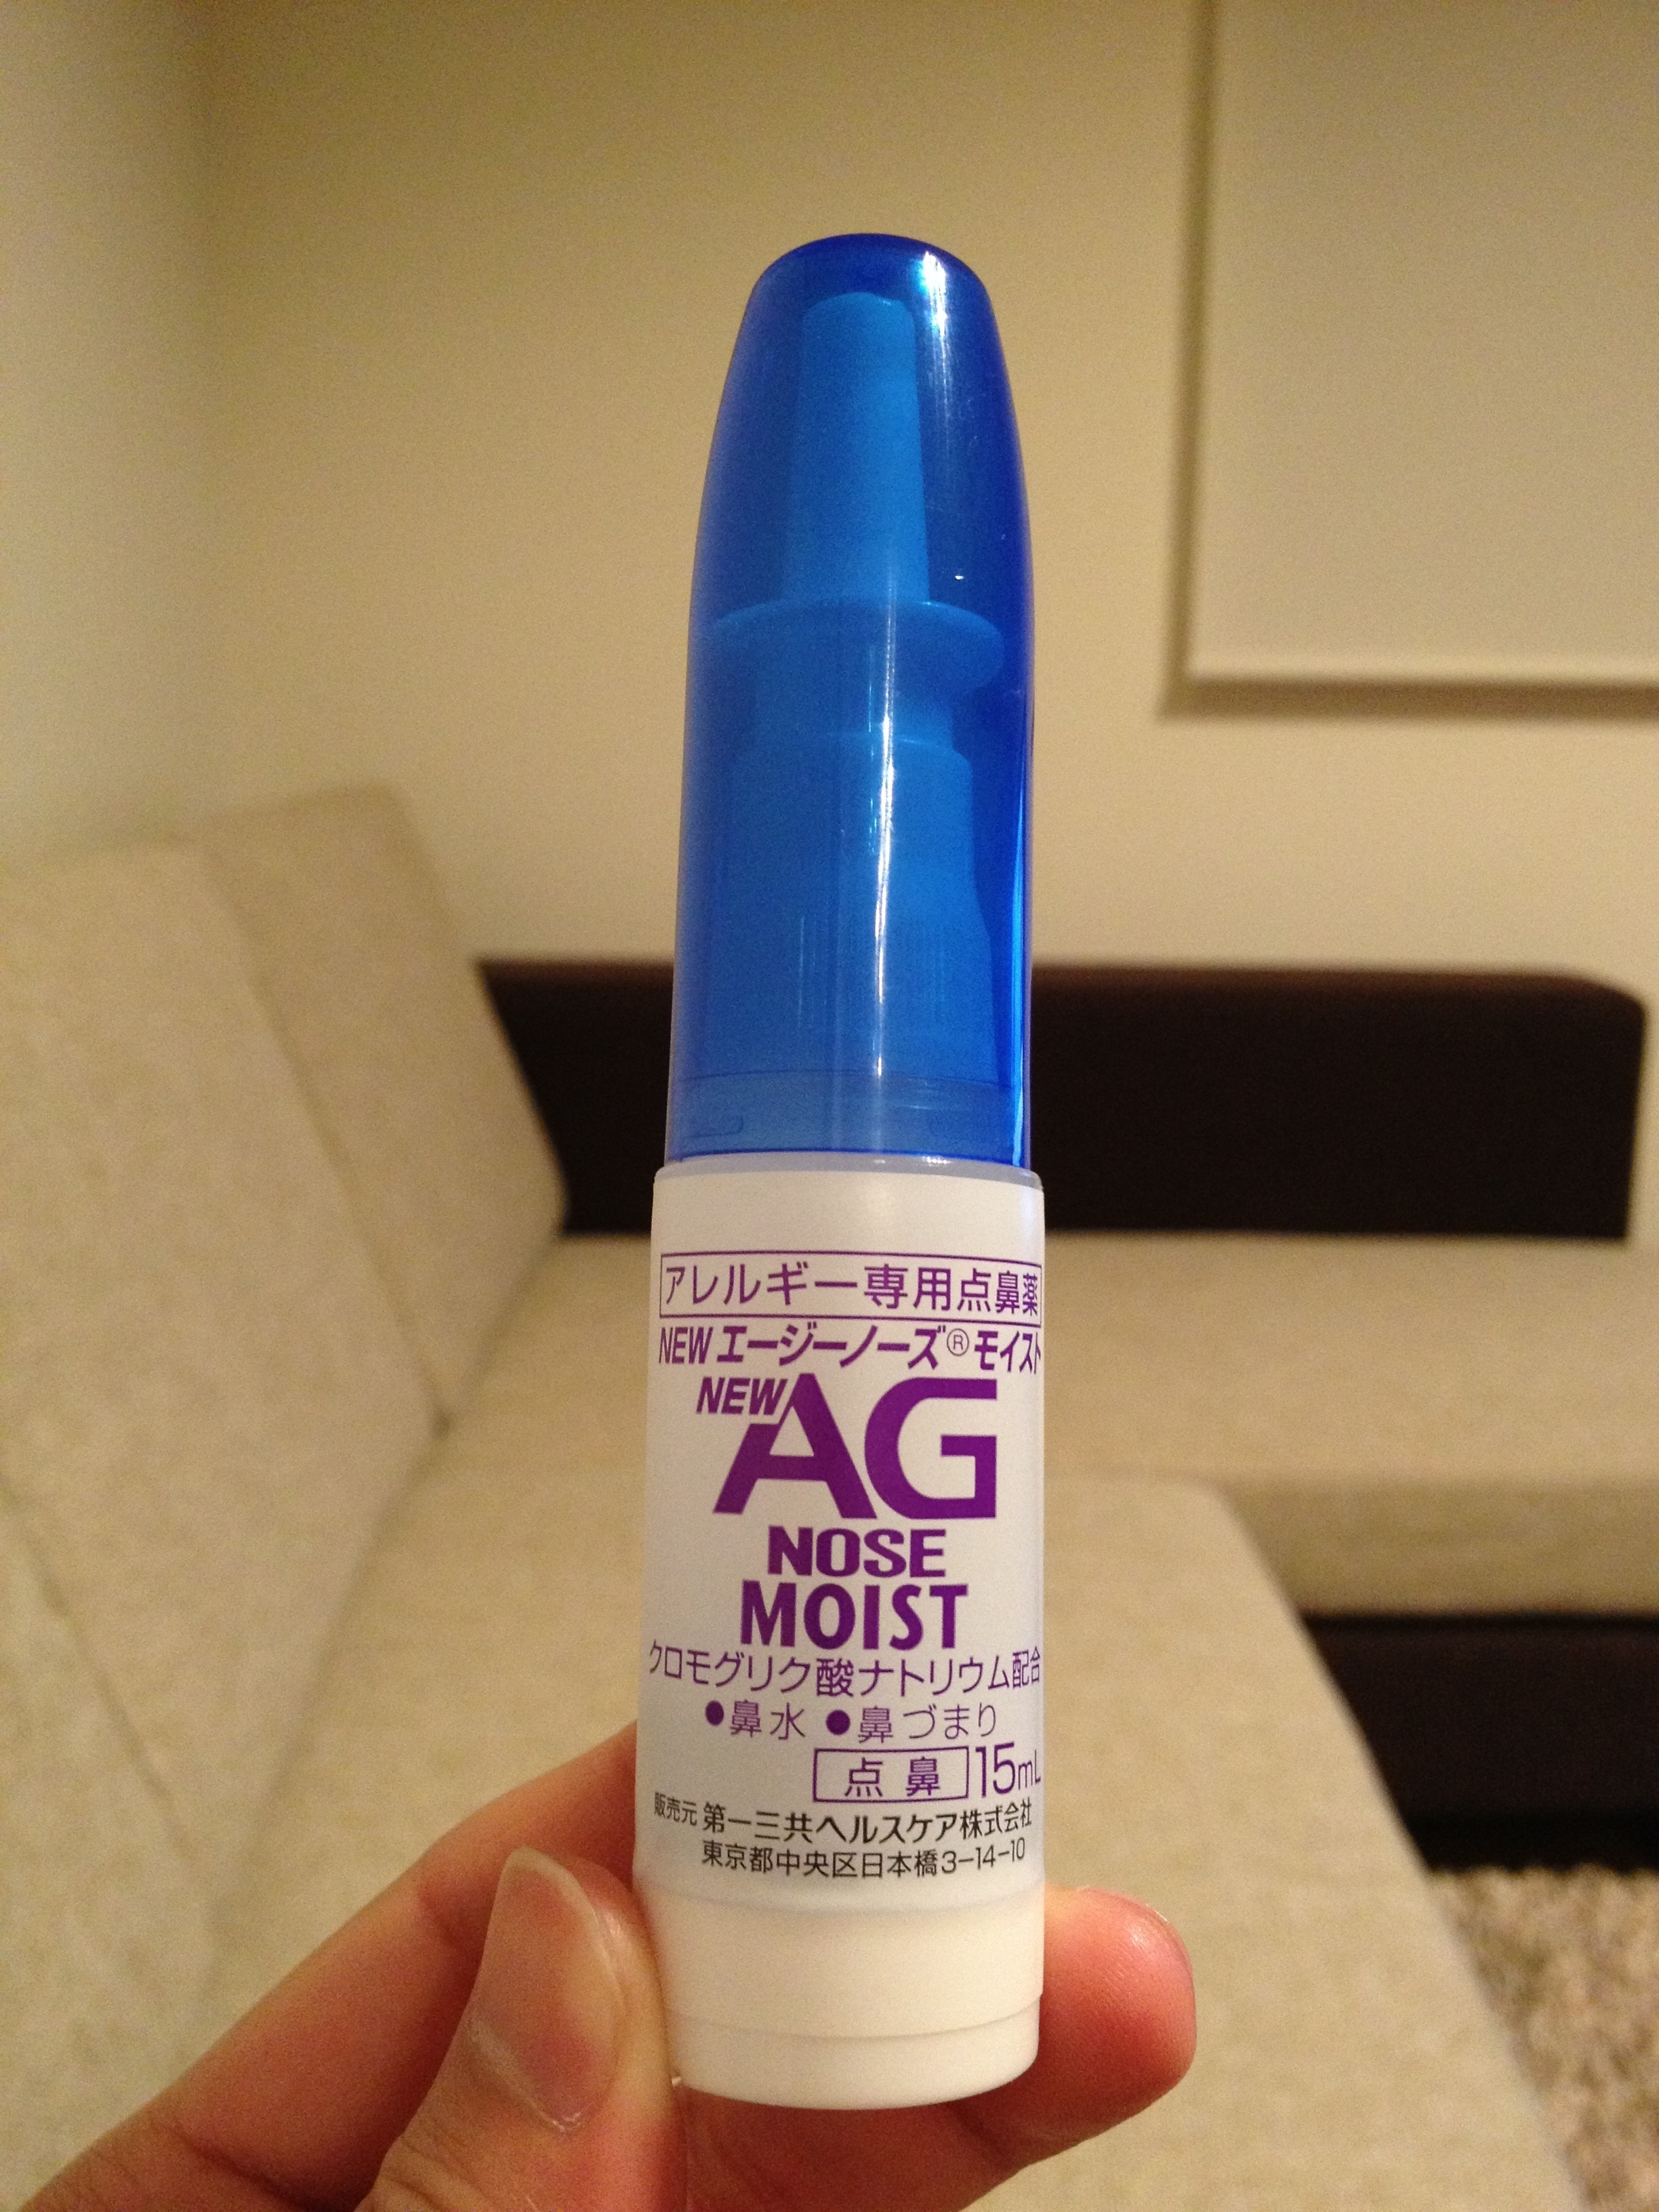 鼻 解消 花粉 づまり 花粉症が夜に悪化し目が覚める原因!くしゃみや鼻づまり目のかゆみを解消!